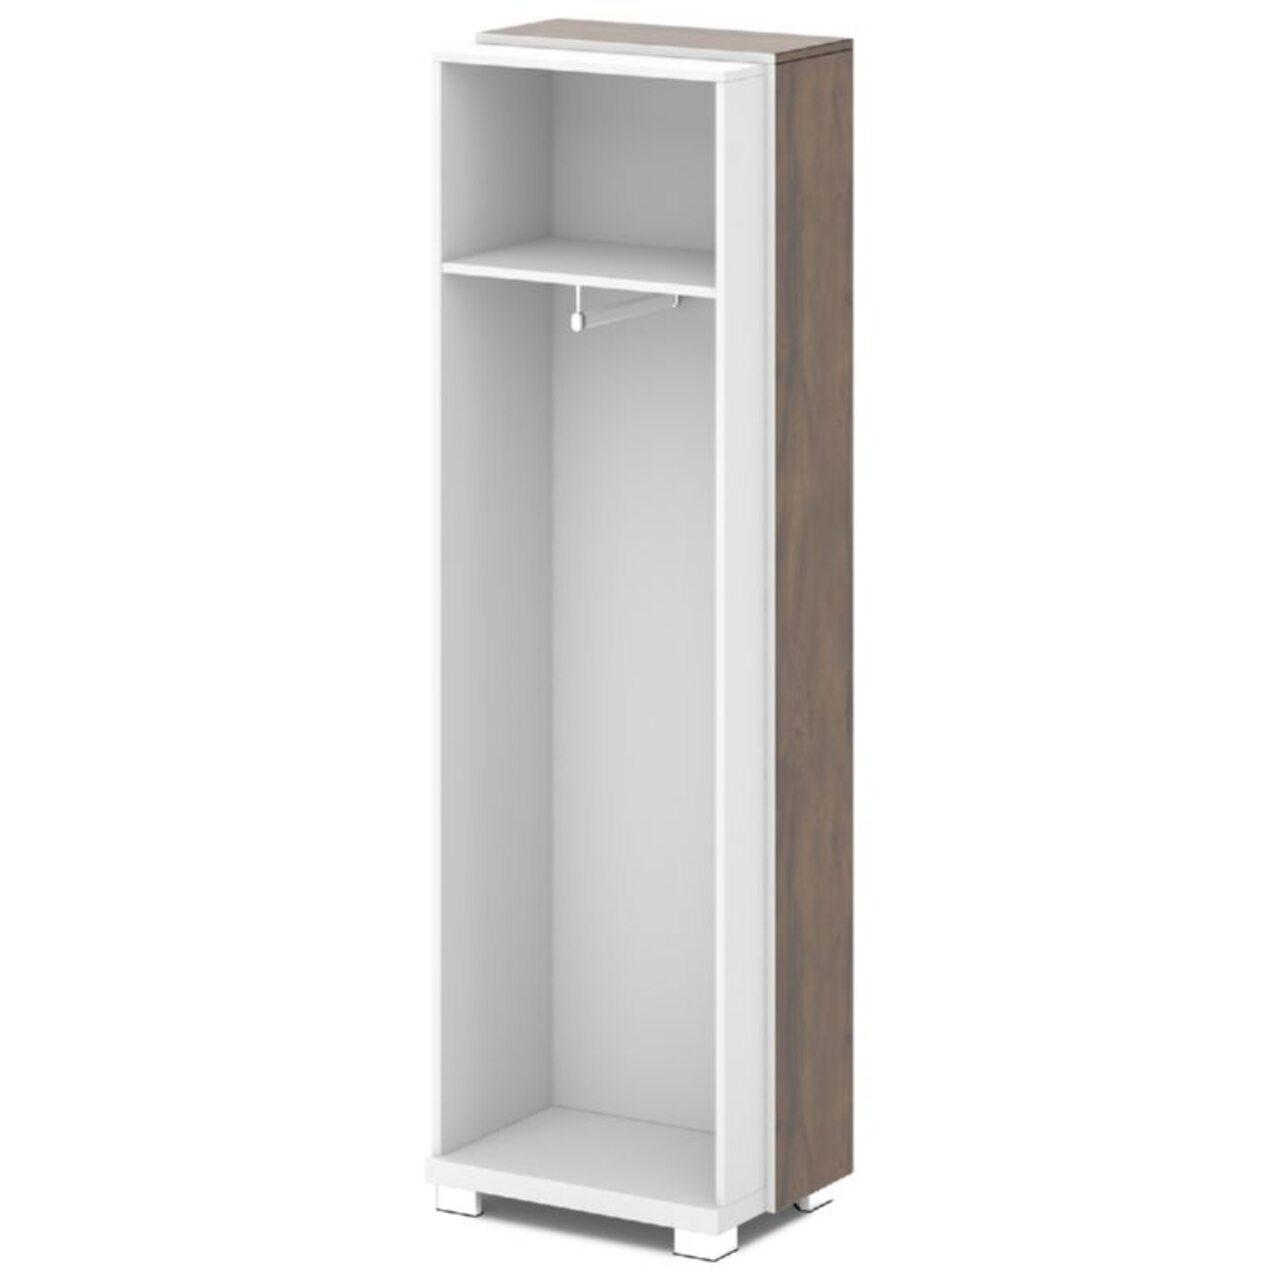 Каркас шкафа для одежды крайний  GRACE 62x44x205 - фото 6